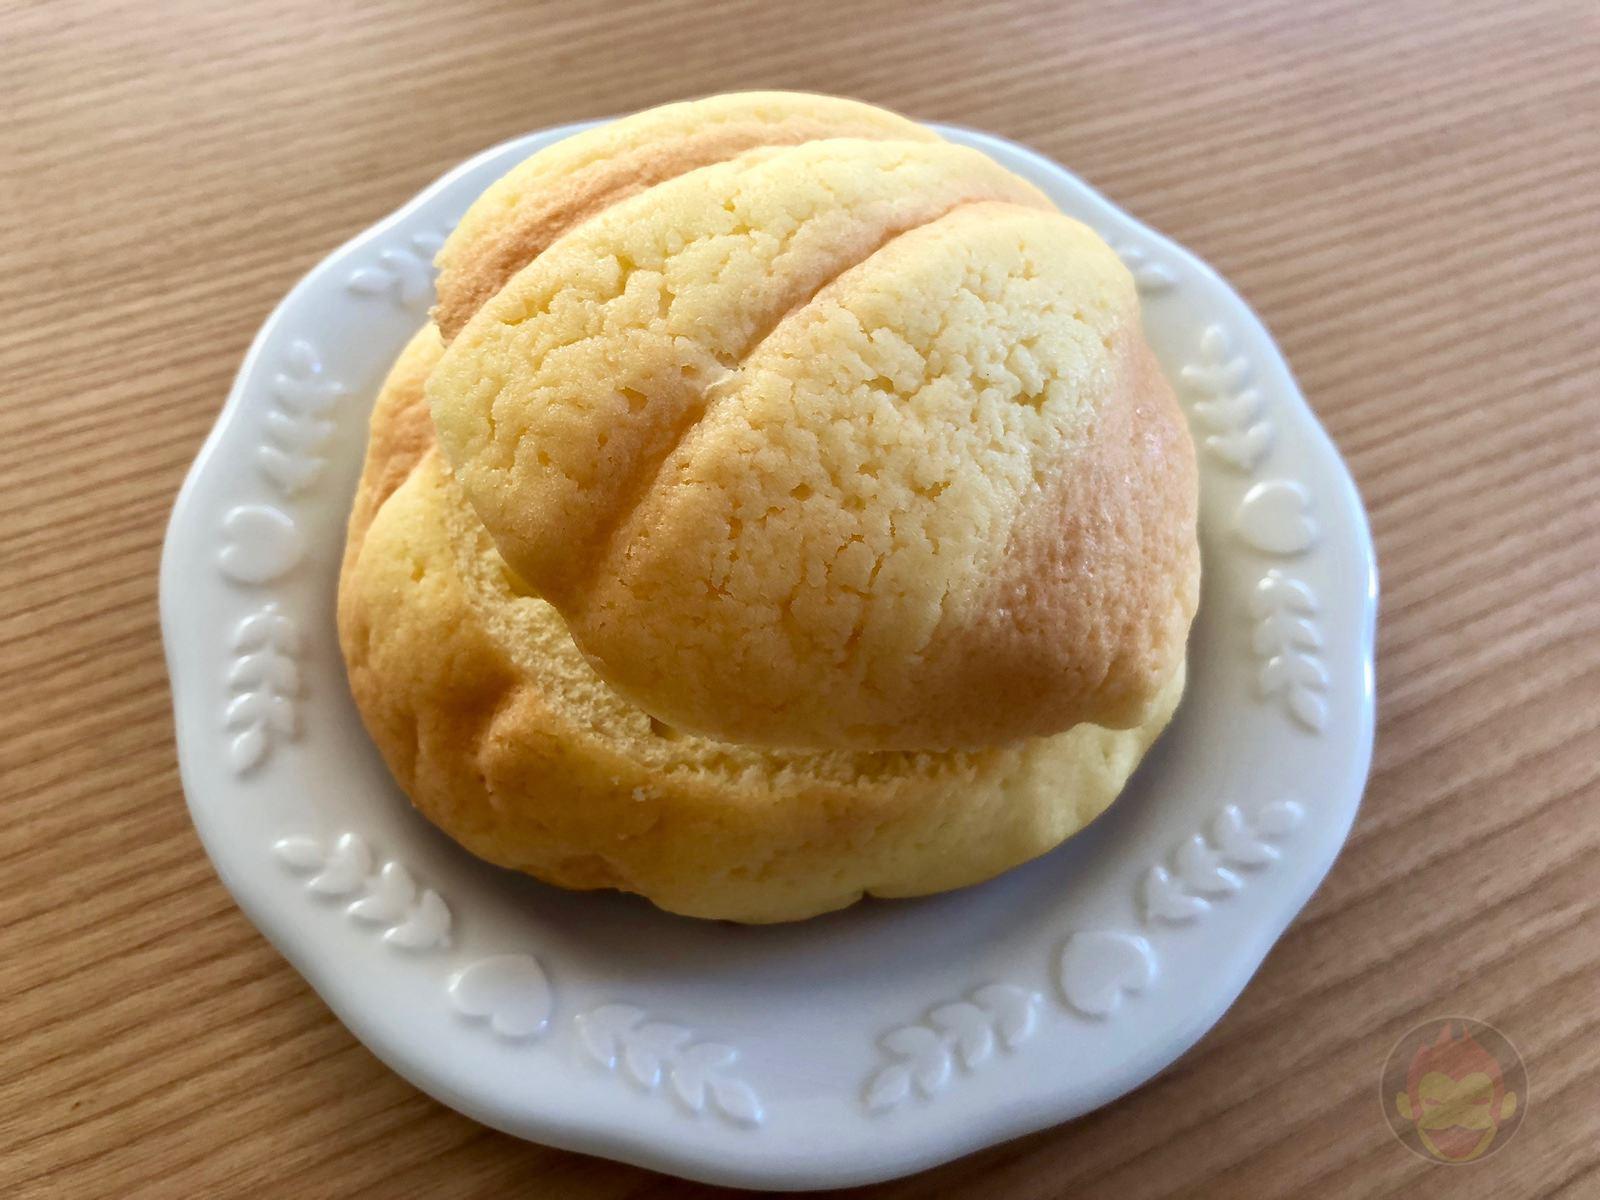 Ebina Parking Jumbo Cream Melon Pan Seijo Ishii 05